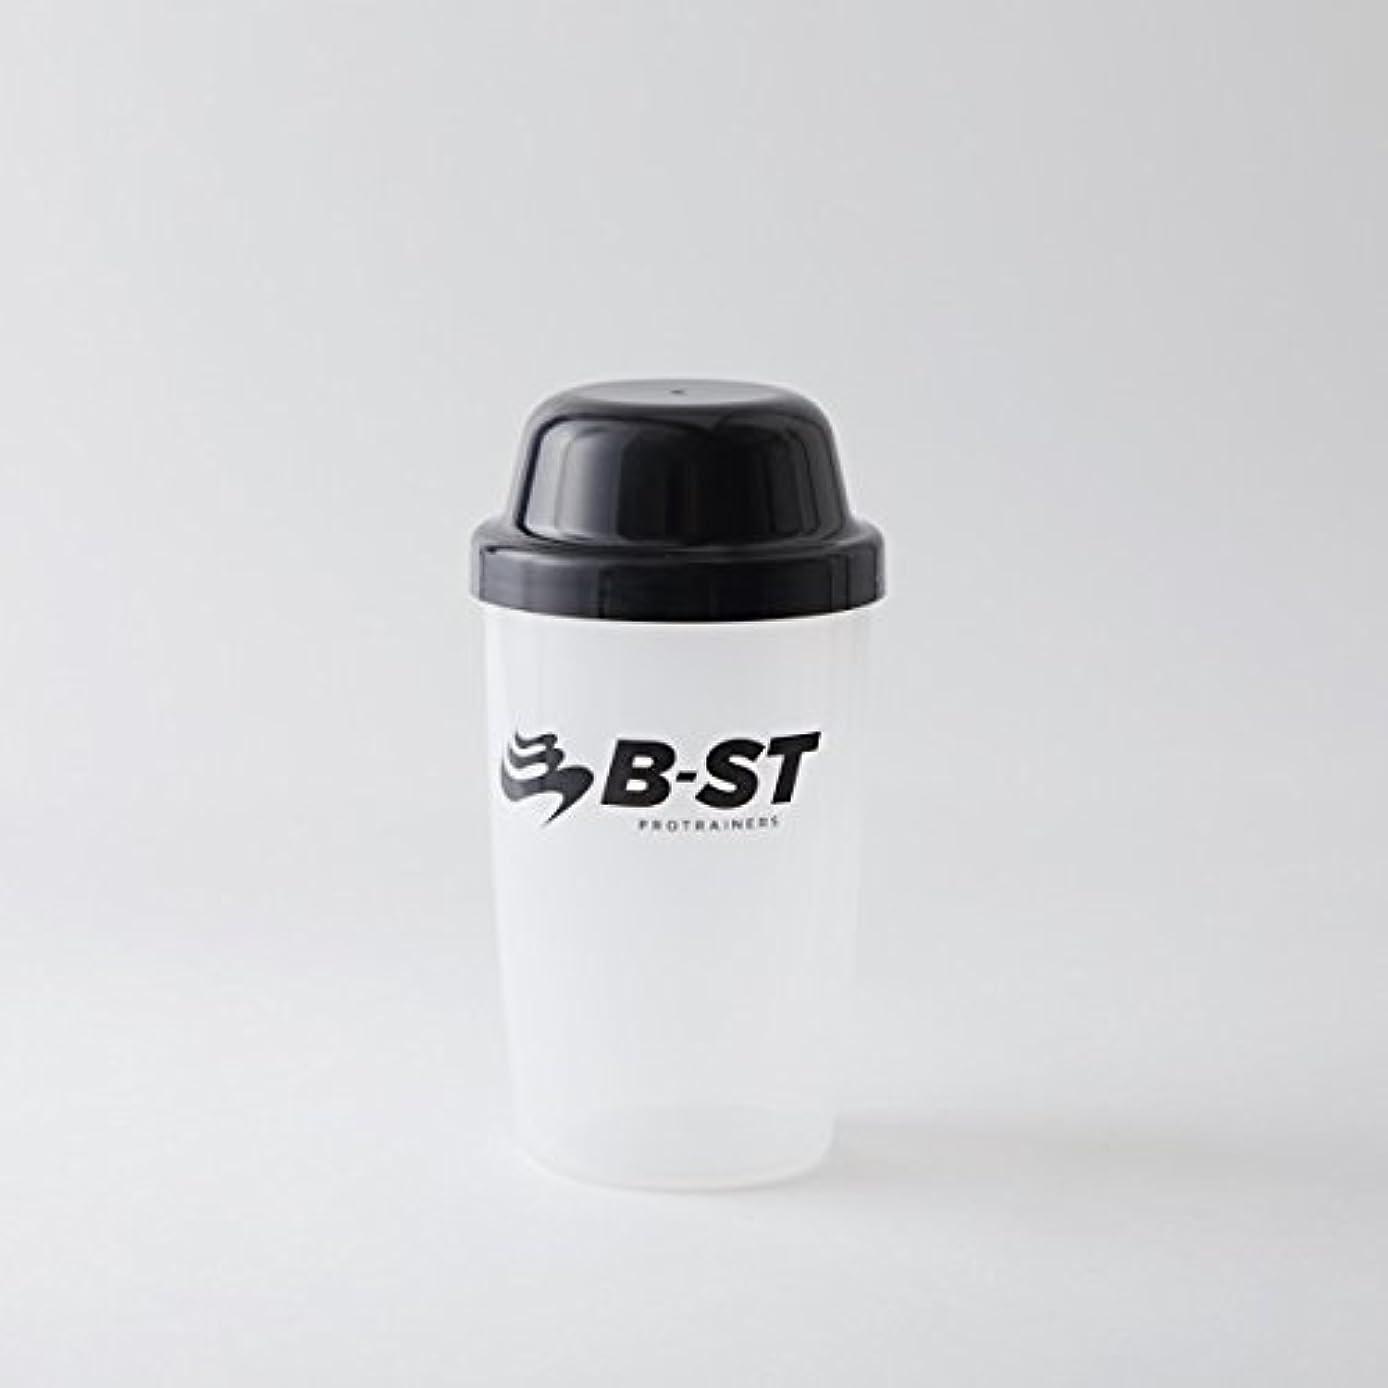 継承ポーター商品B-STプロテインシェーカー